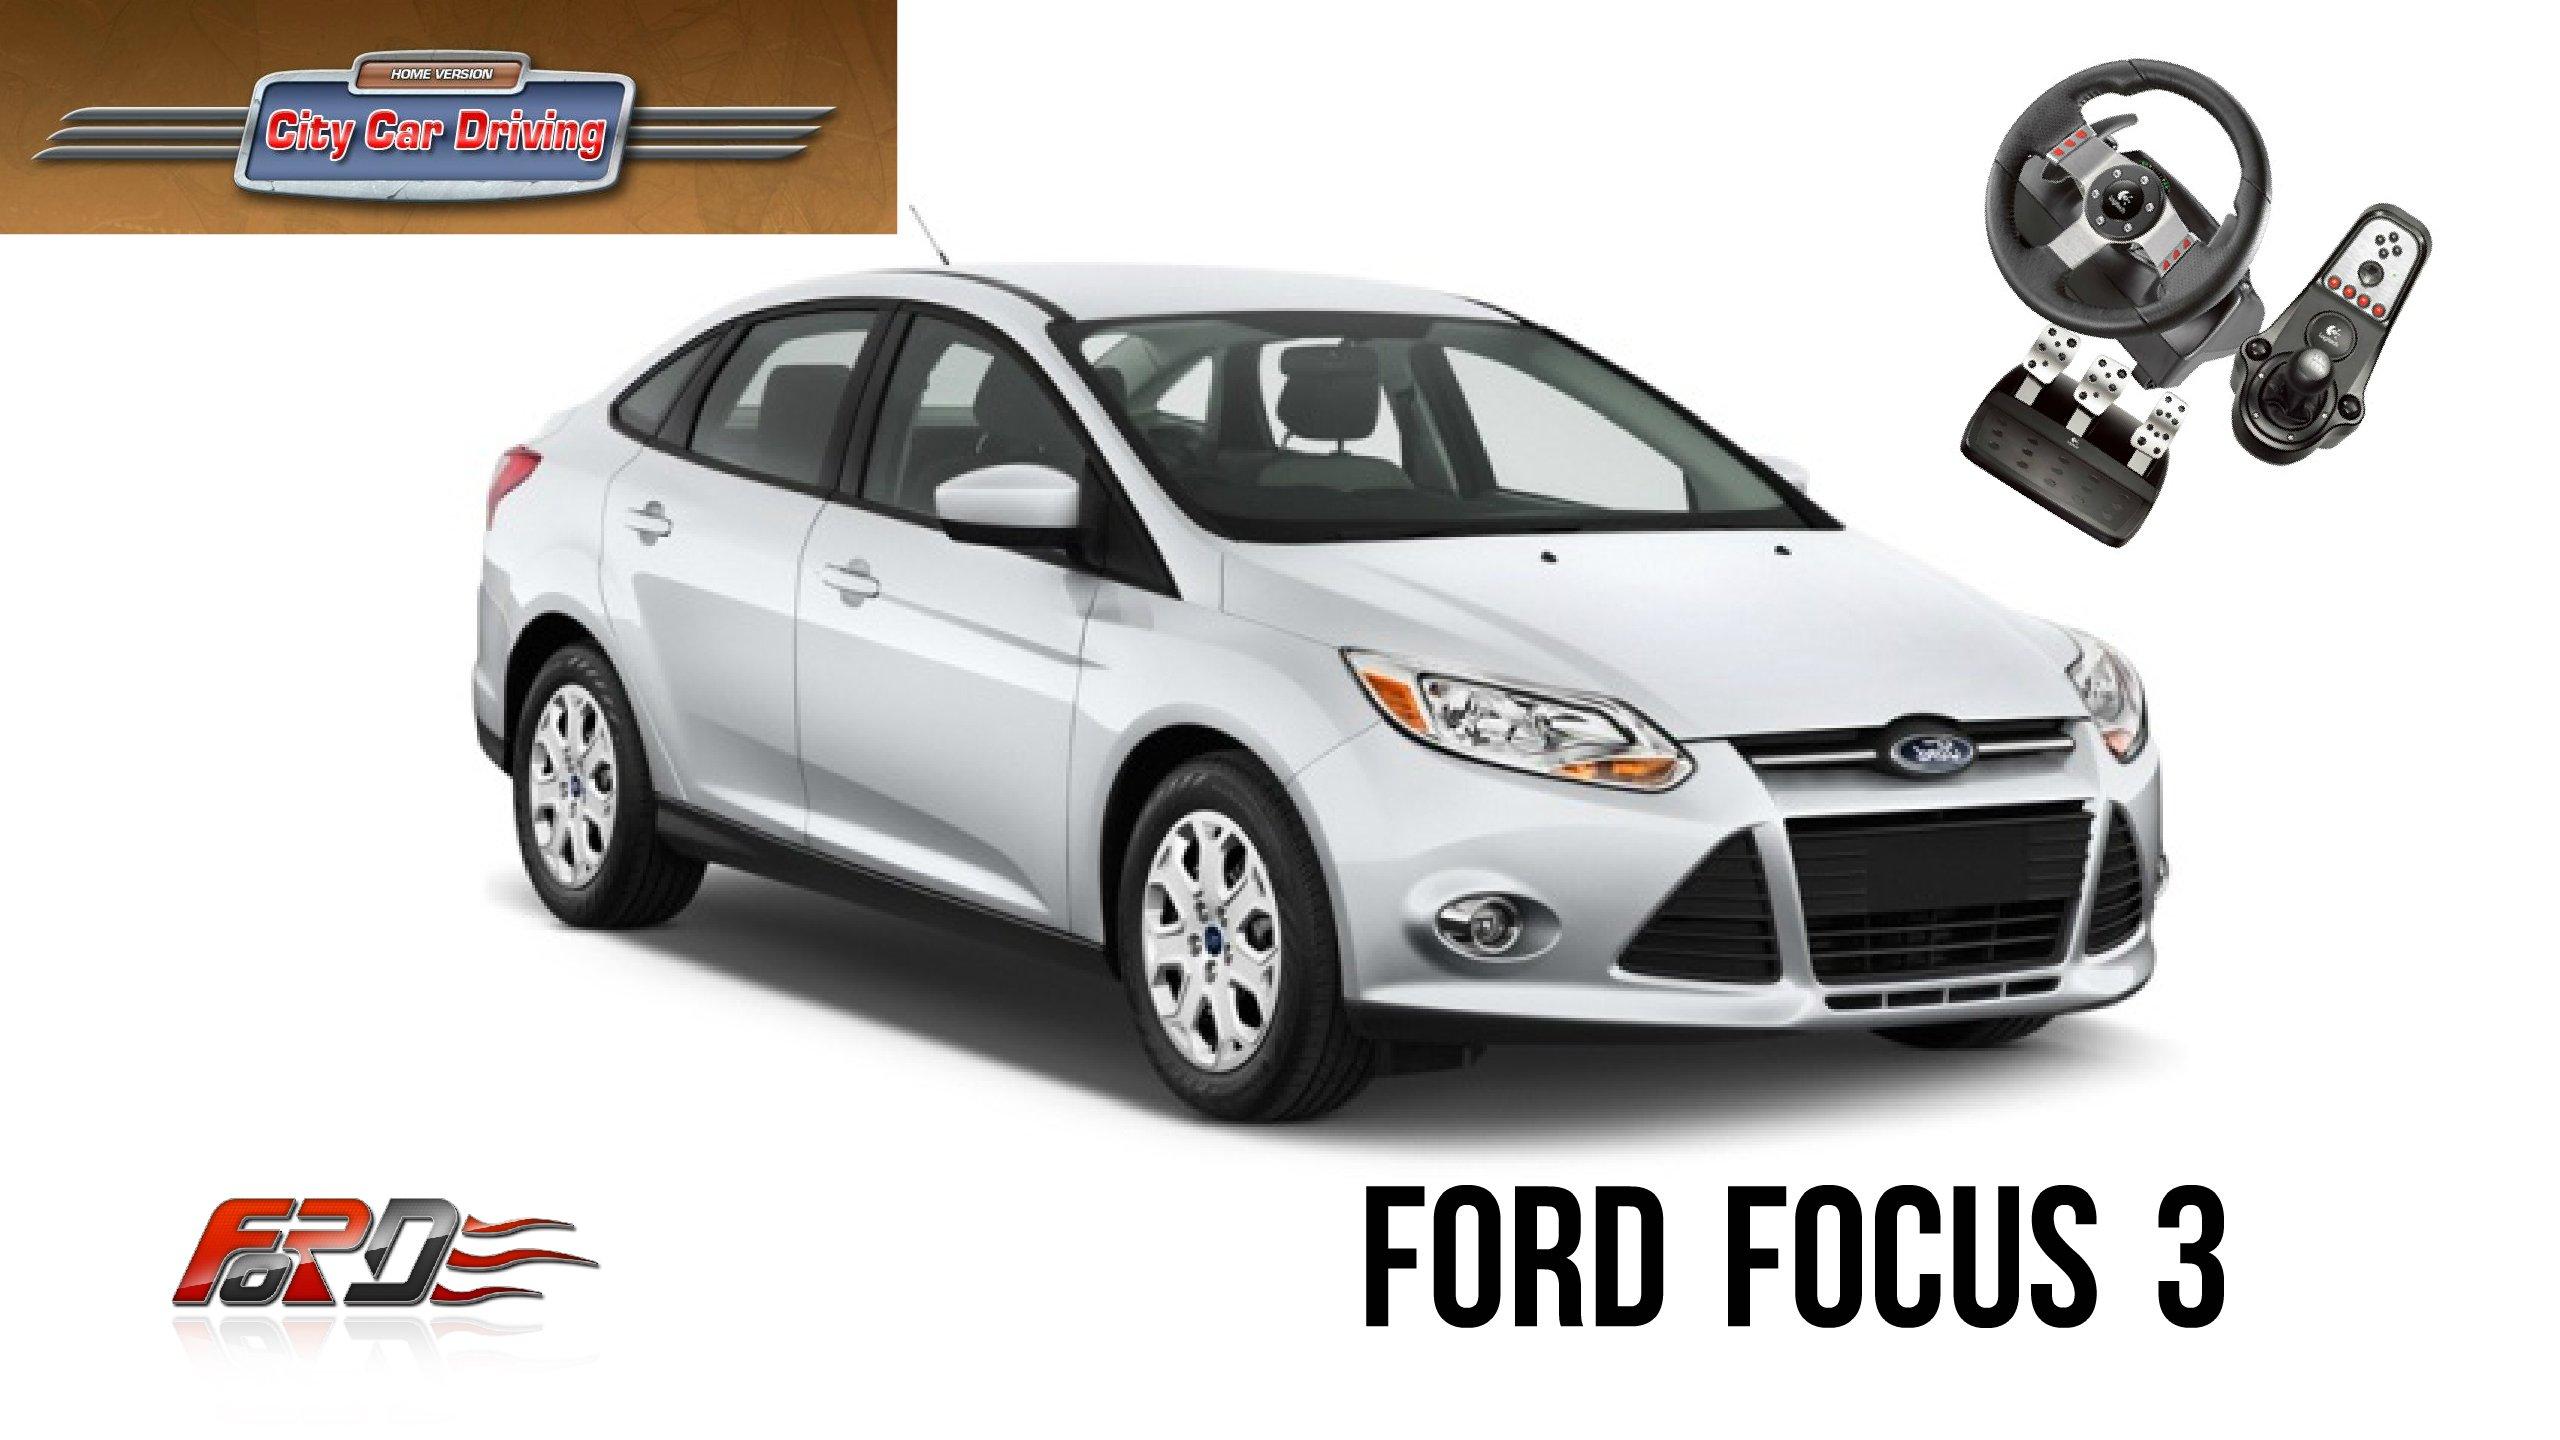 Ford Focus 3 тест-драйв, обзор в дождливую погоду утром City Car Driving  - Изображение 1